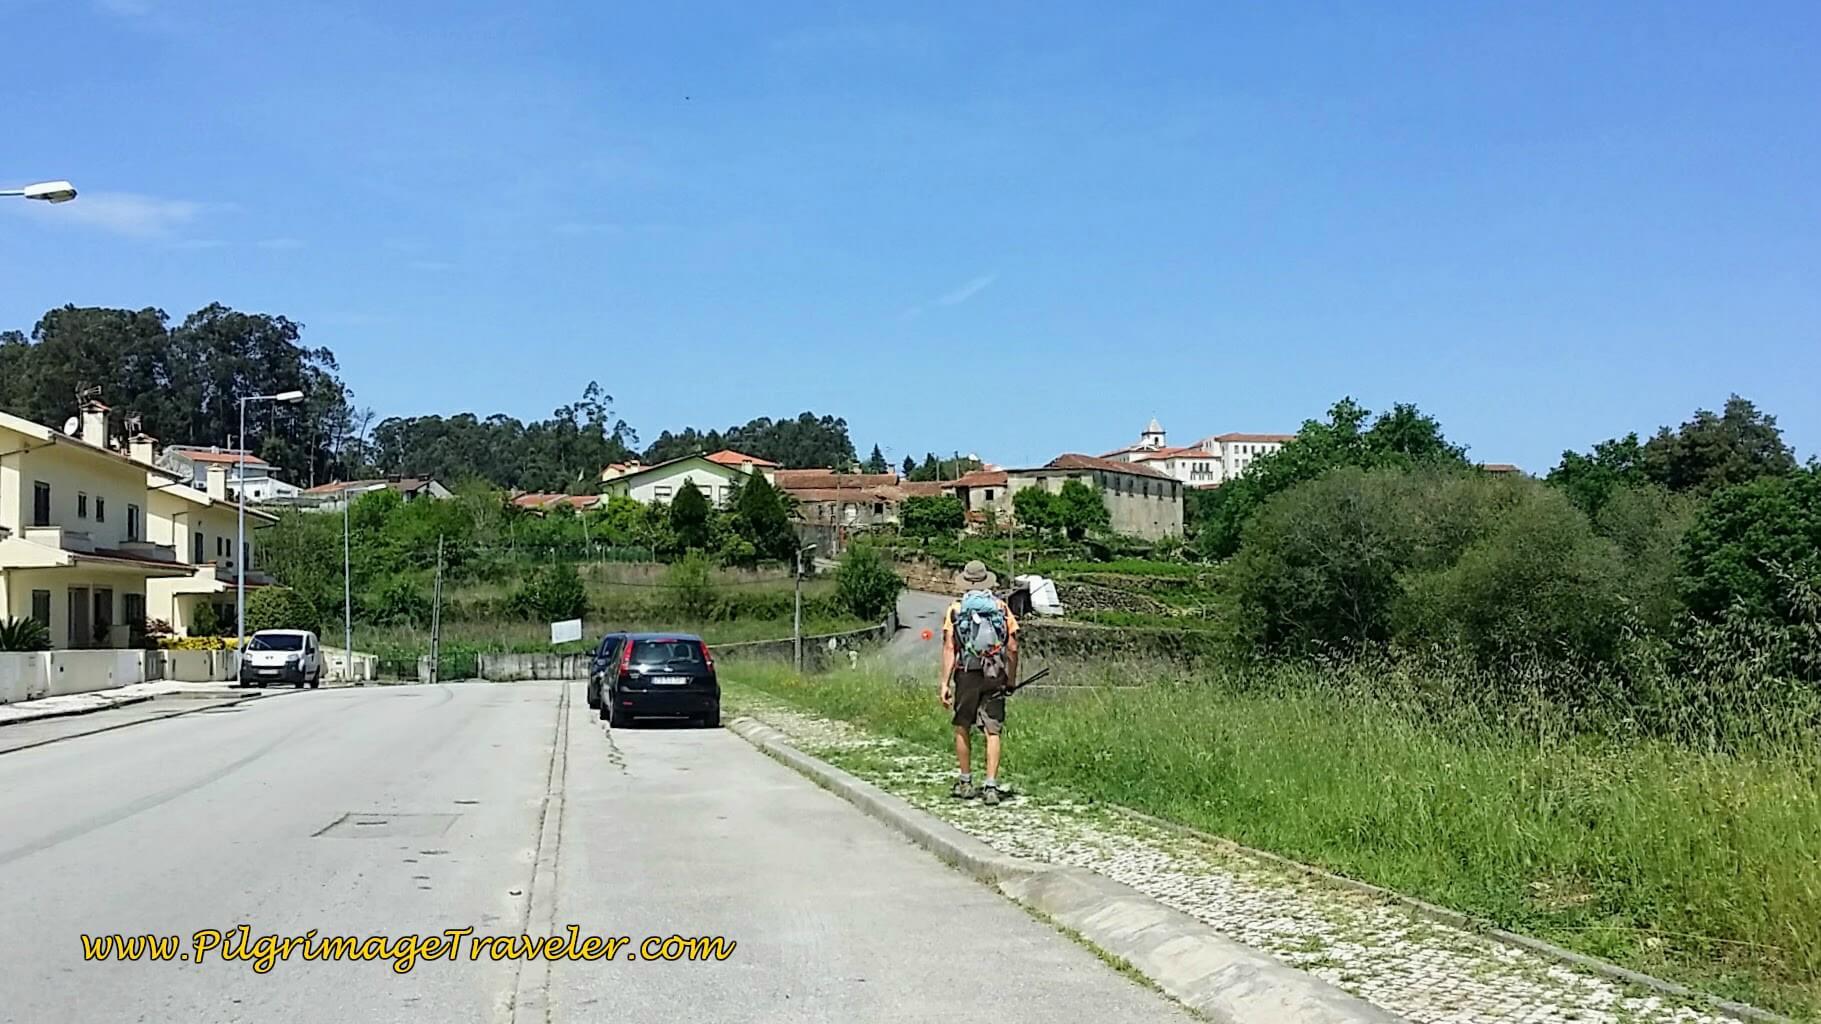 Along the Rua de Riba in Vila de Cucujães on day thirteen of the Camino Portugués